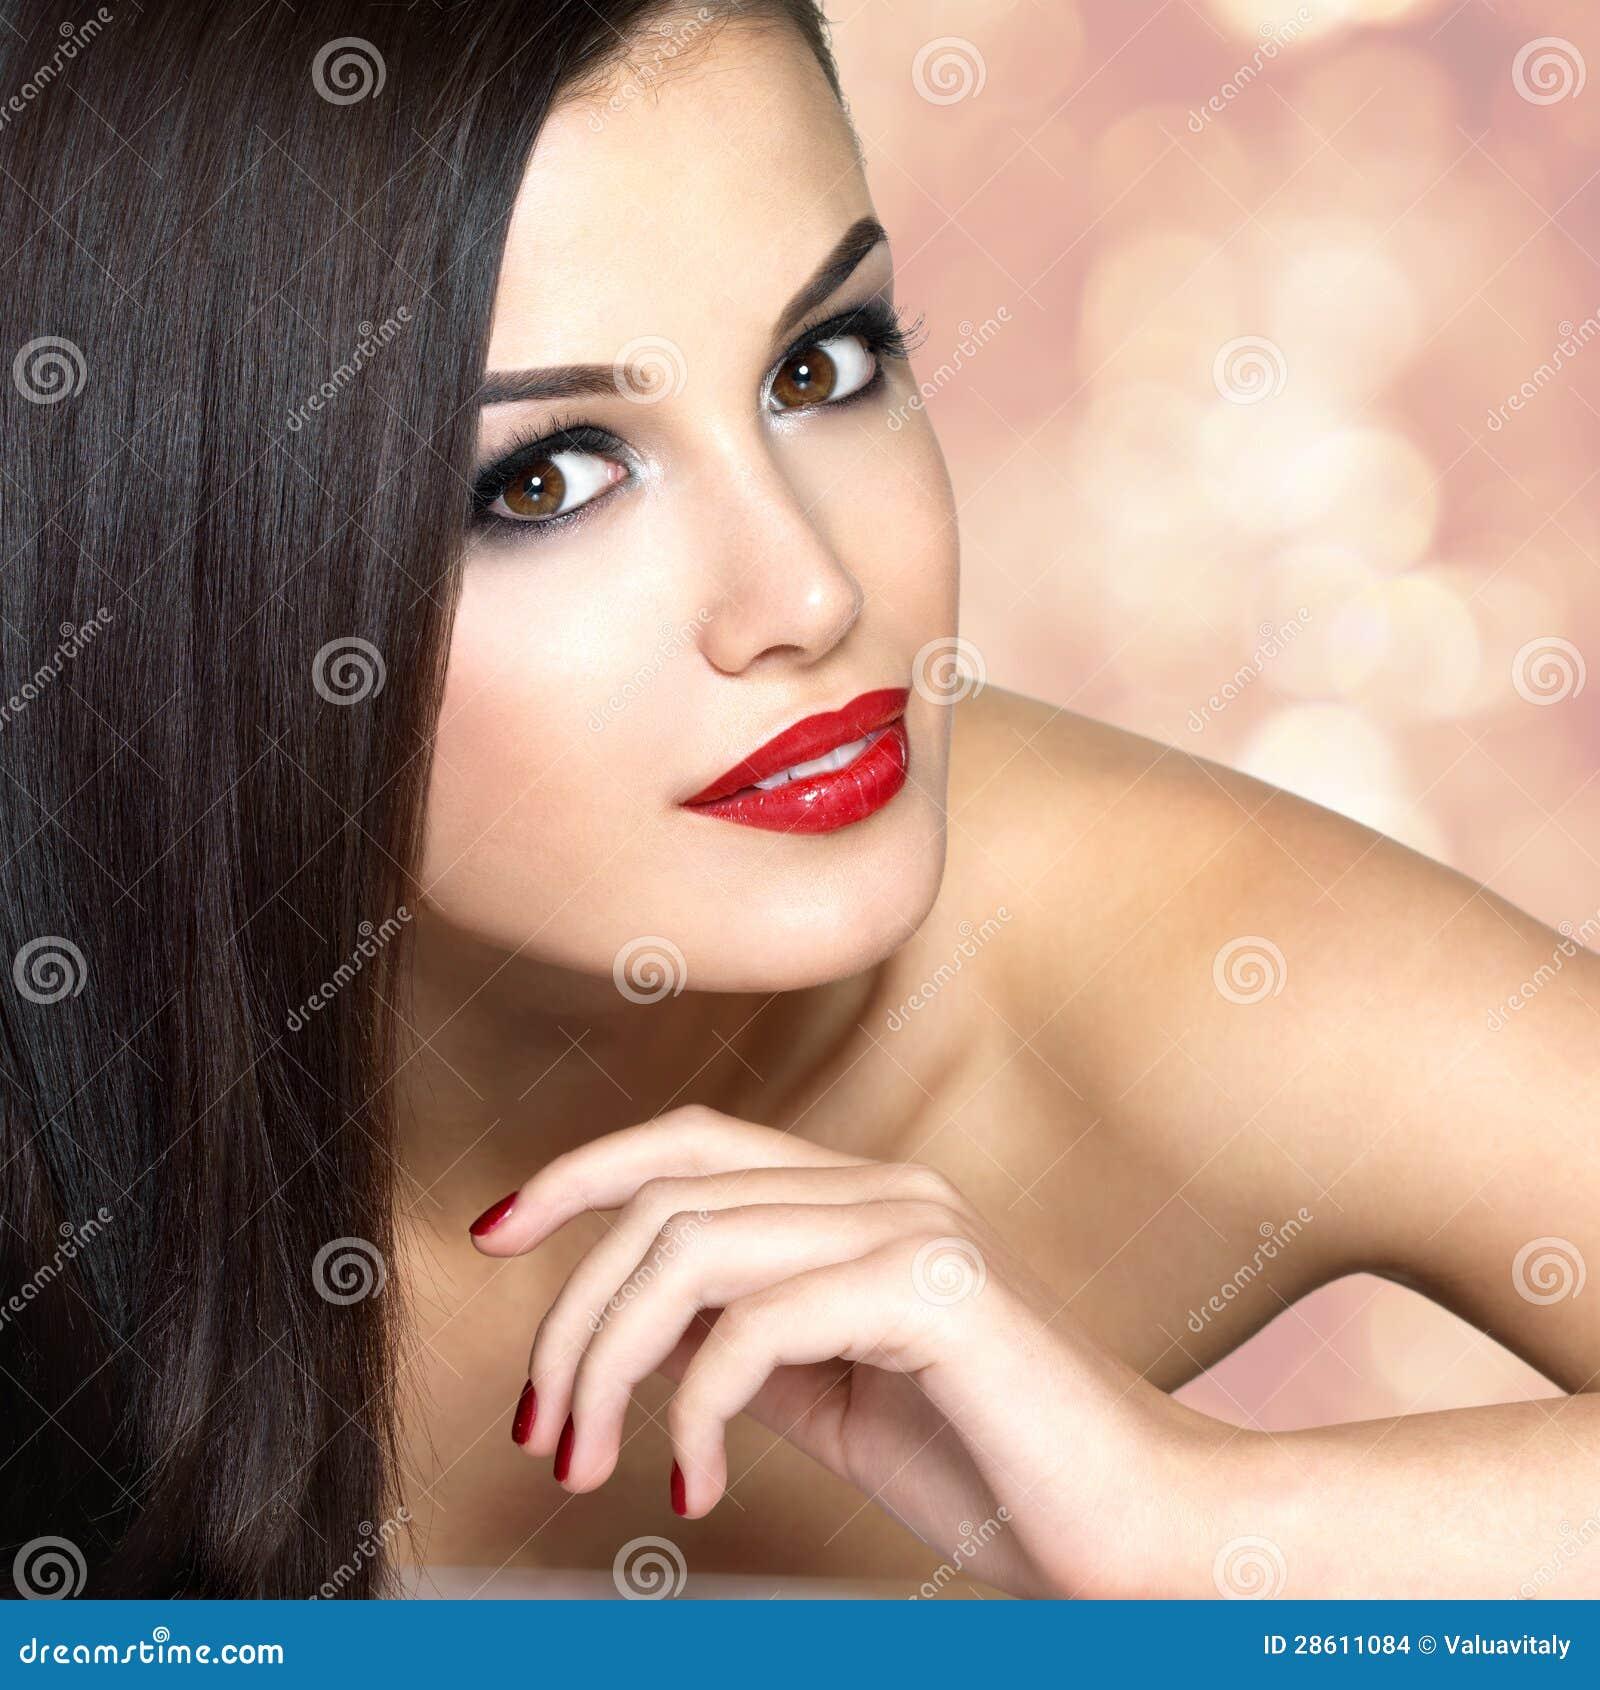 Image de femme a telecharger gratuitement